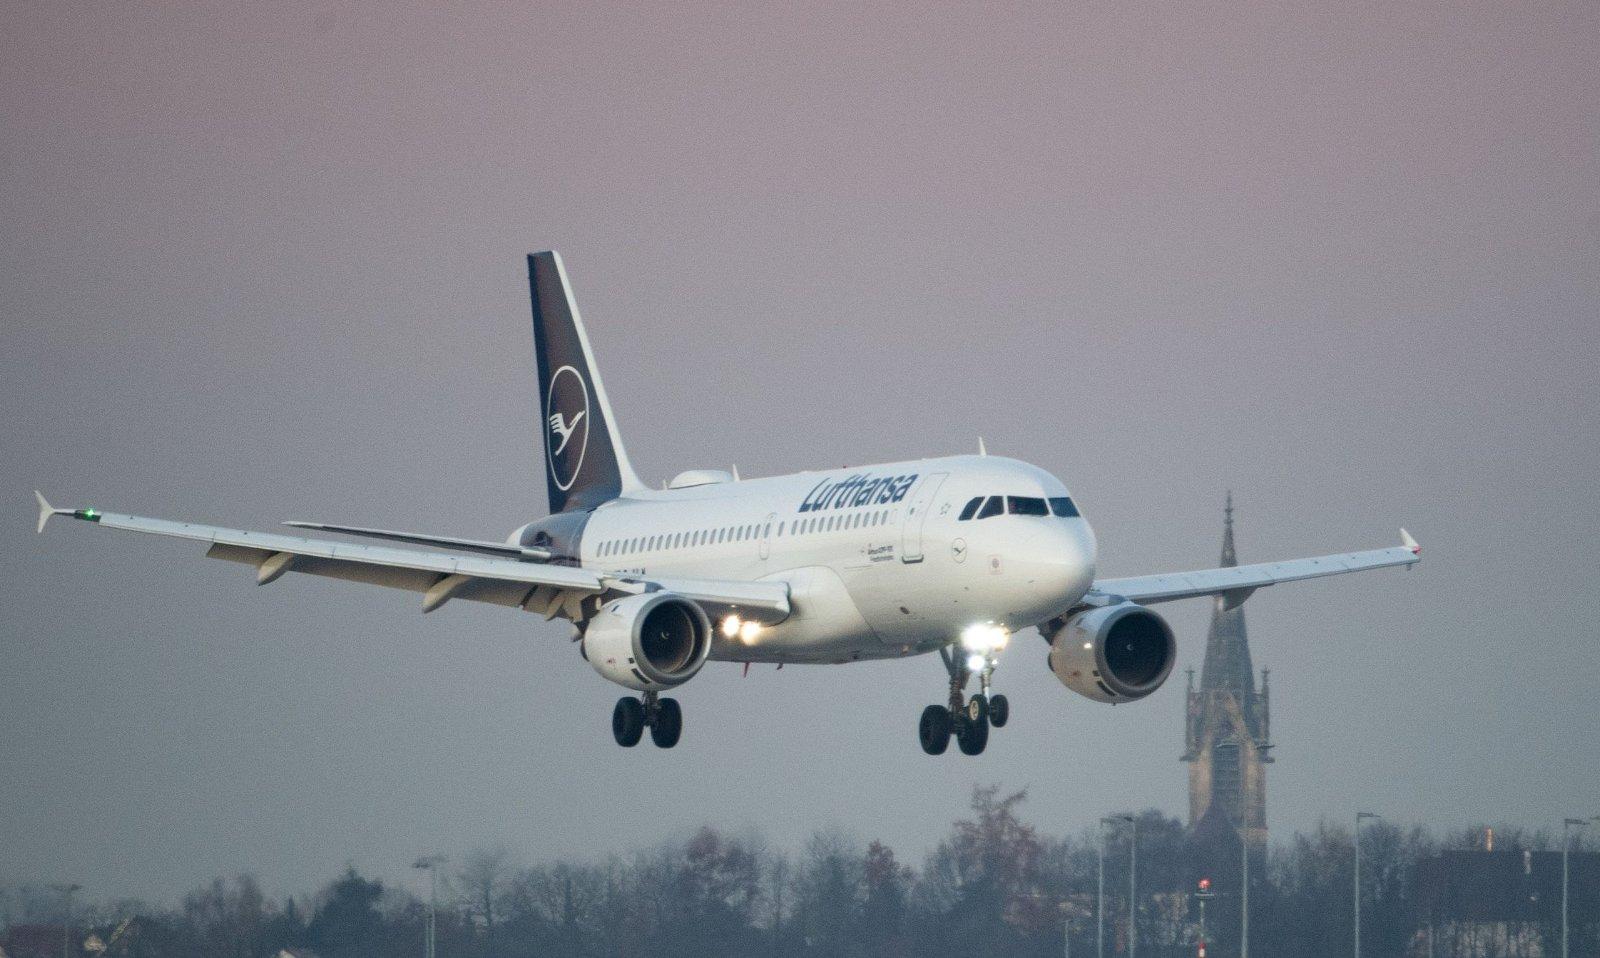 Lufthansa en KLM passen hun dienstregeling aan tegen het gevaar van besmetting. - Isopix.